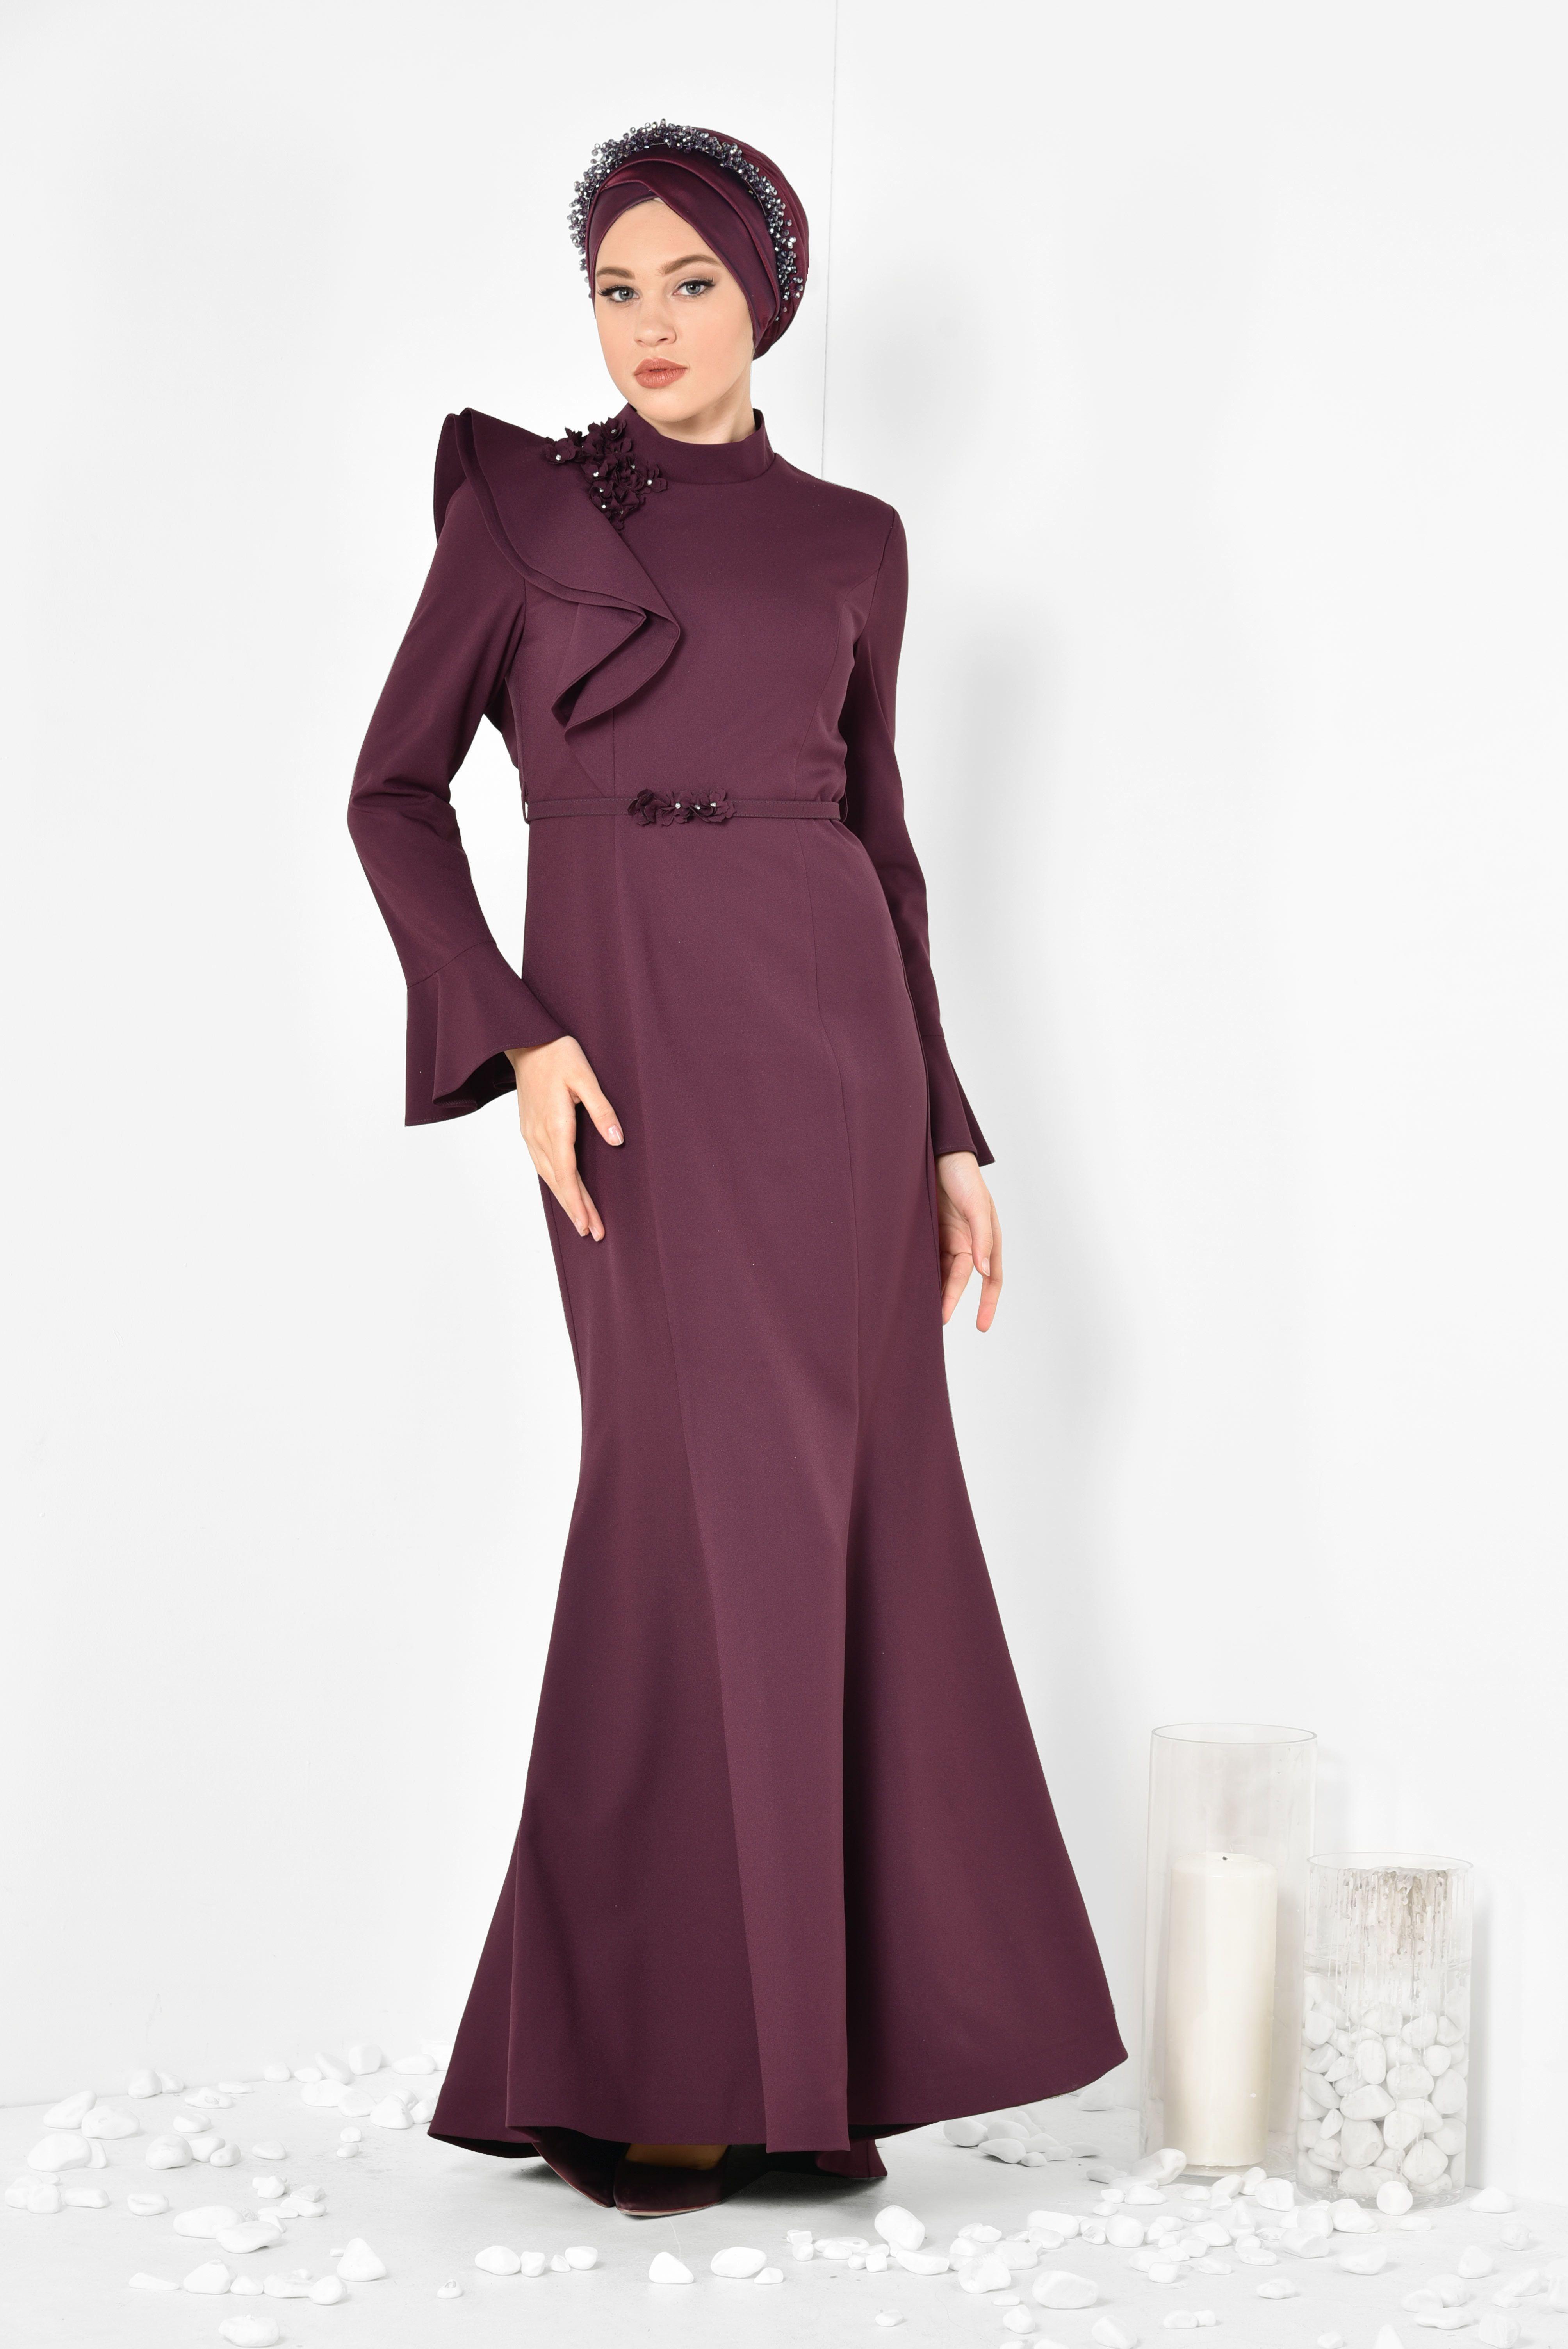 Tek Omuzu Volanli Cicek Detayli Kadin Tesettur Abiye Elbise Alvina Moda Stilleri Elbiseler Elbise